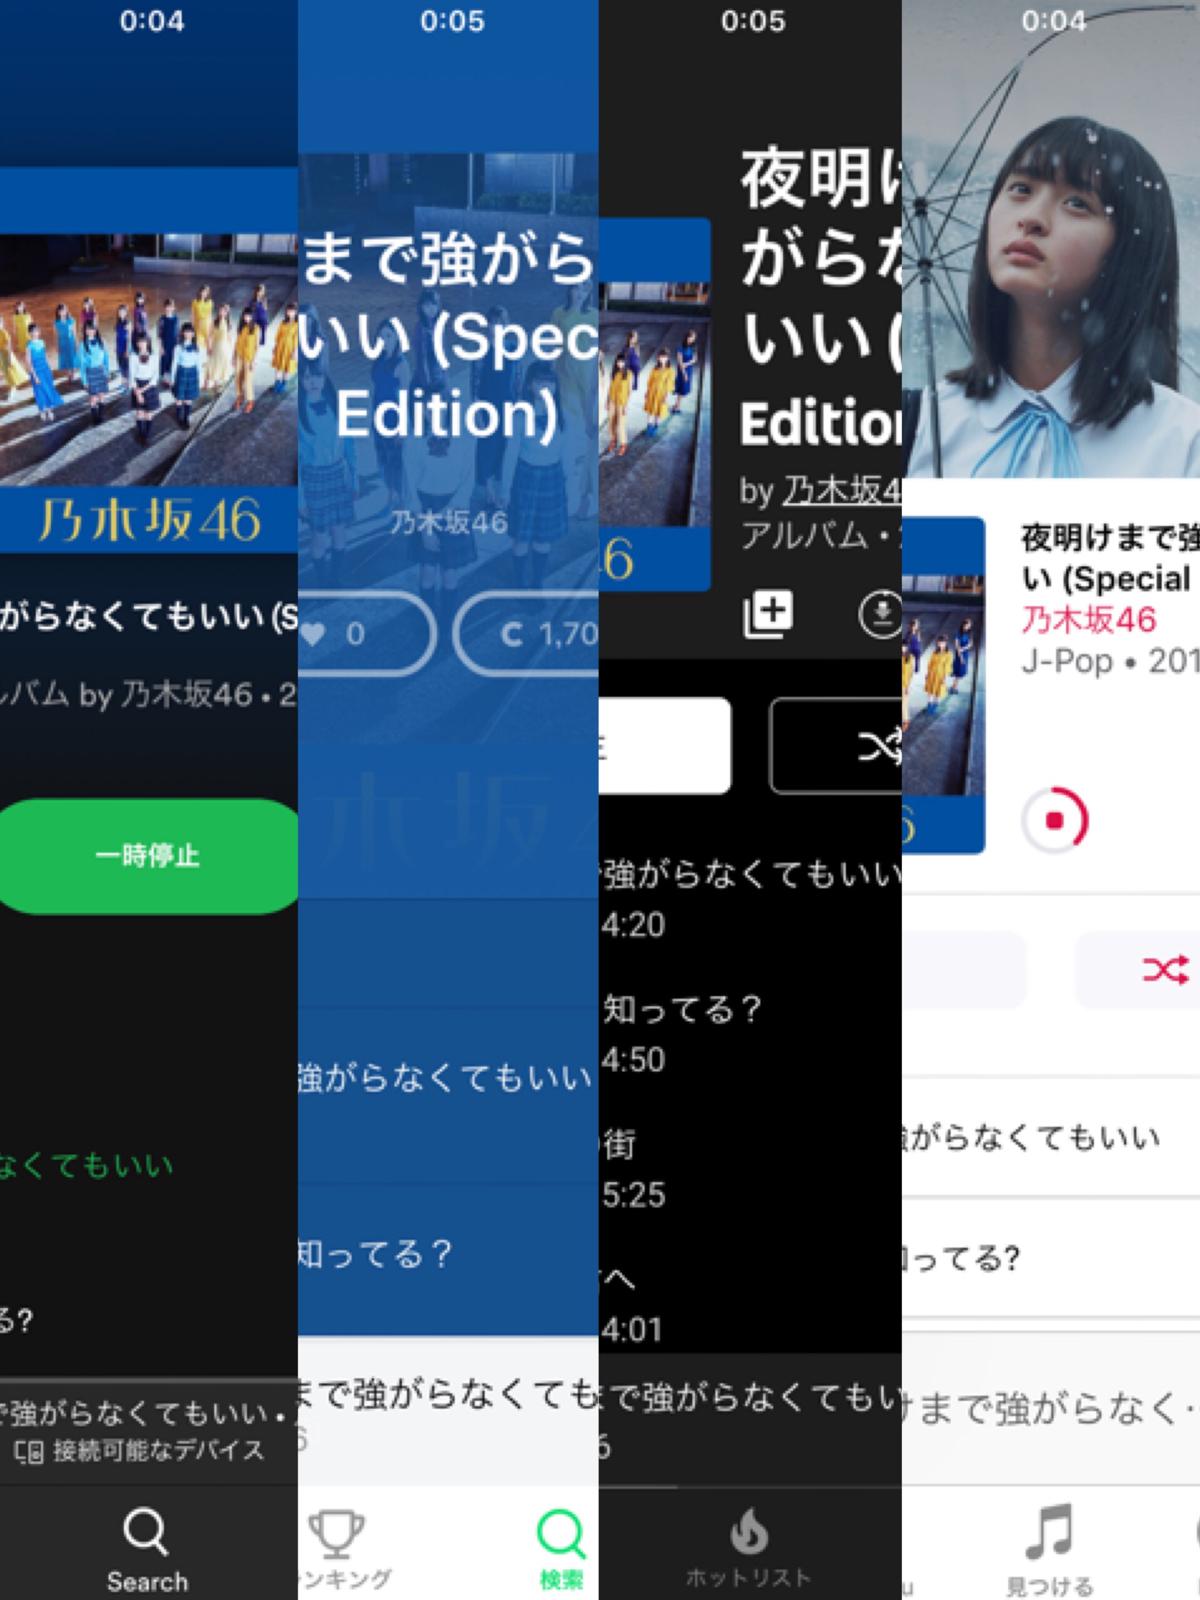 乃木坂46 24thシングル「夜明けまで強がらなくてもいい」